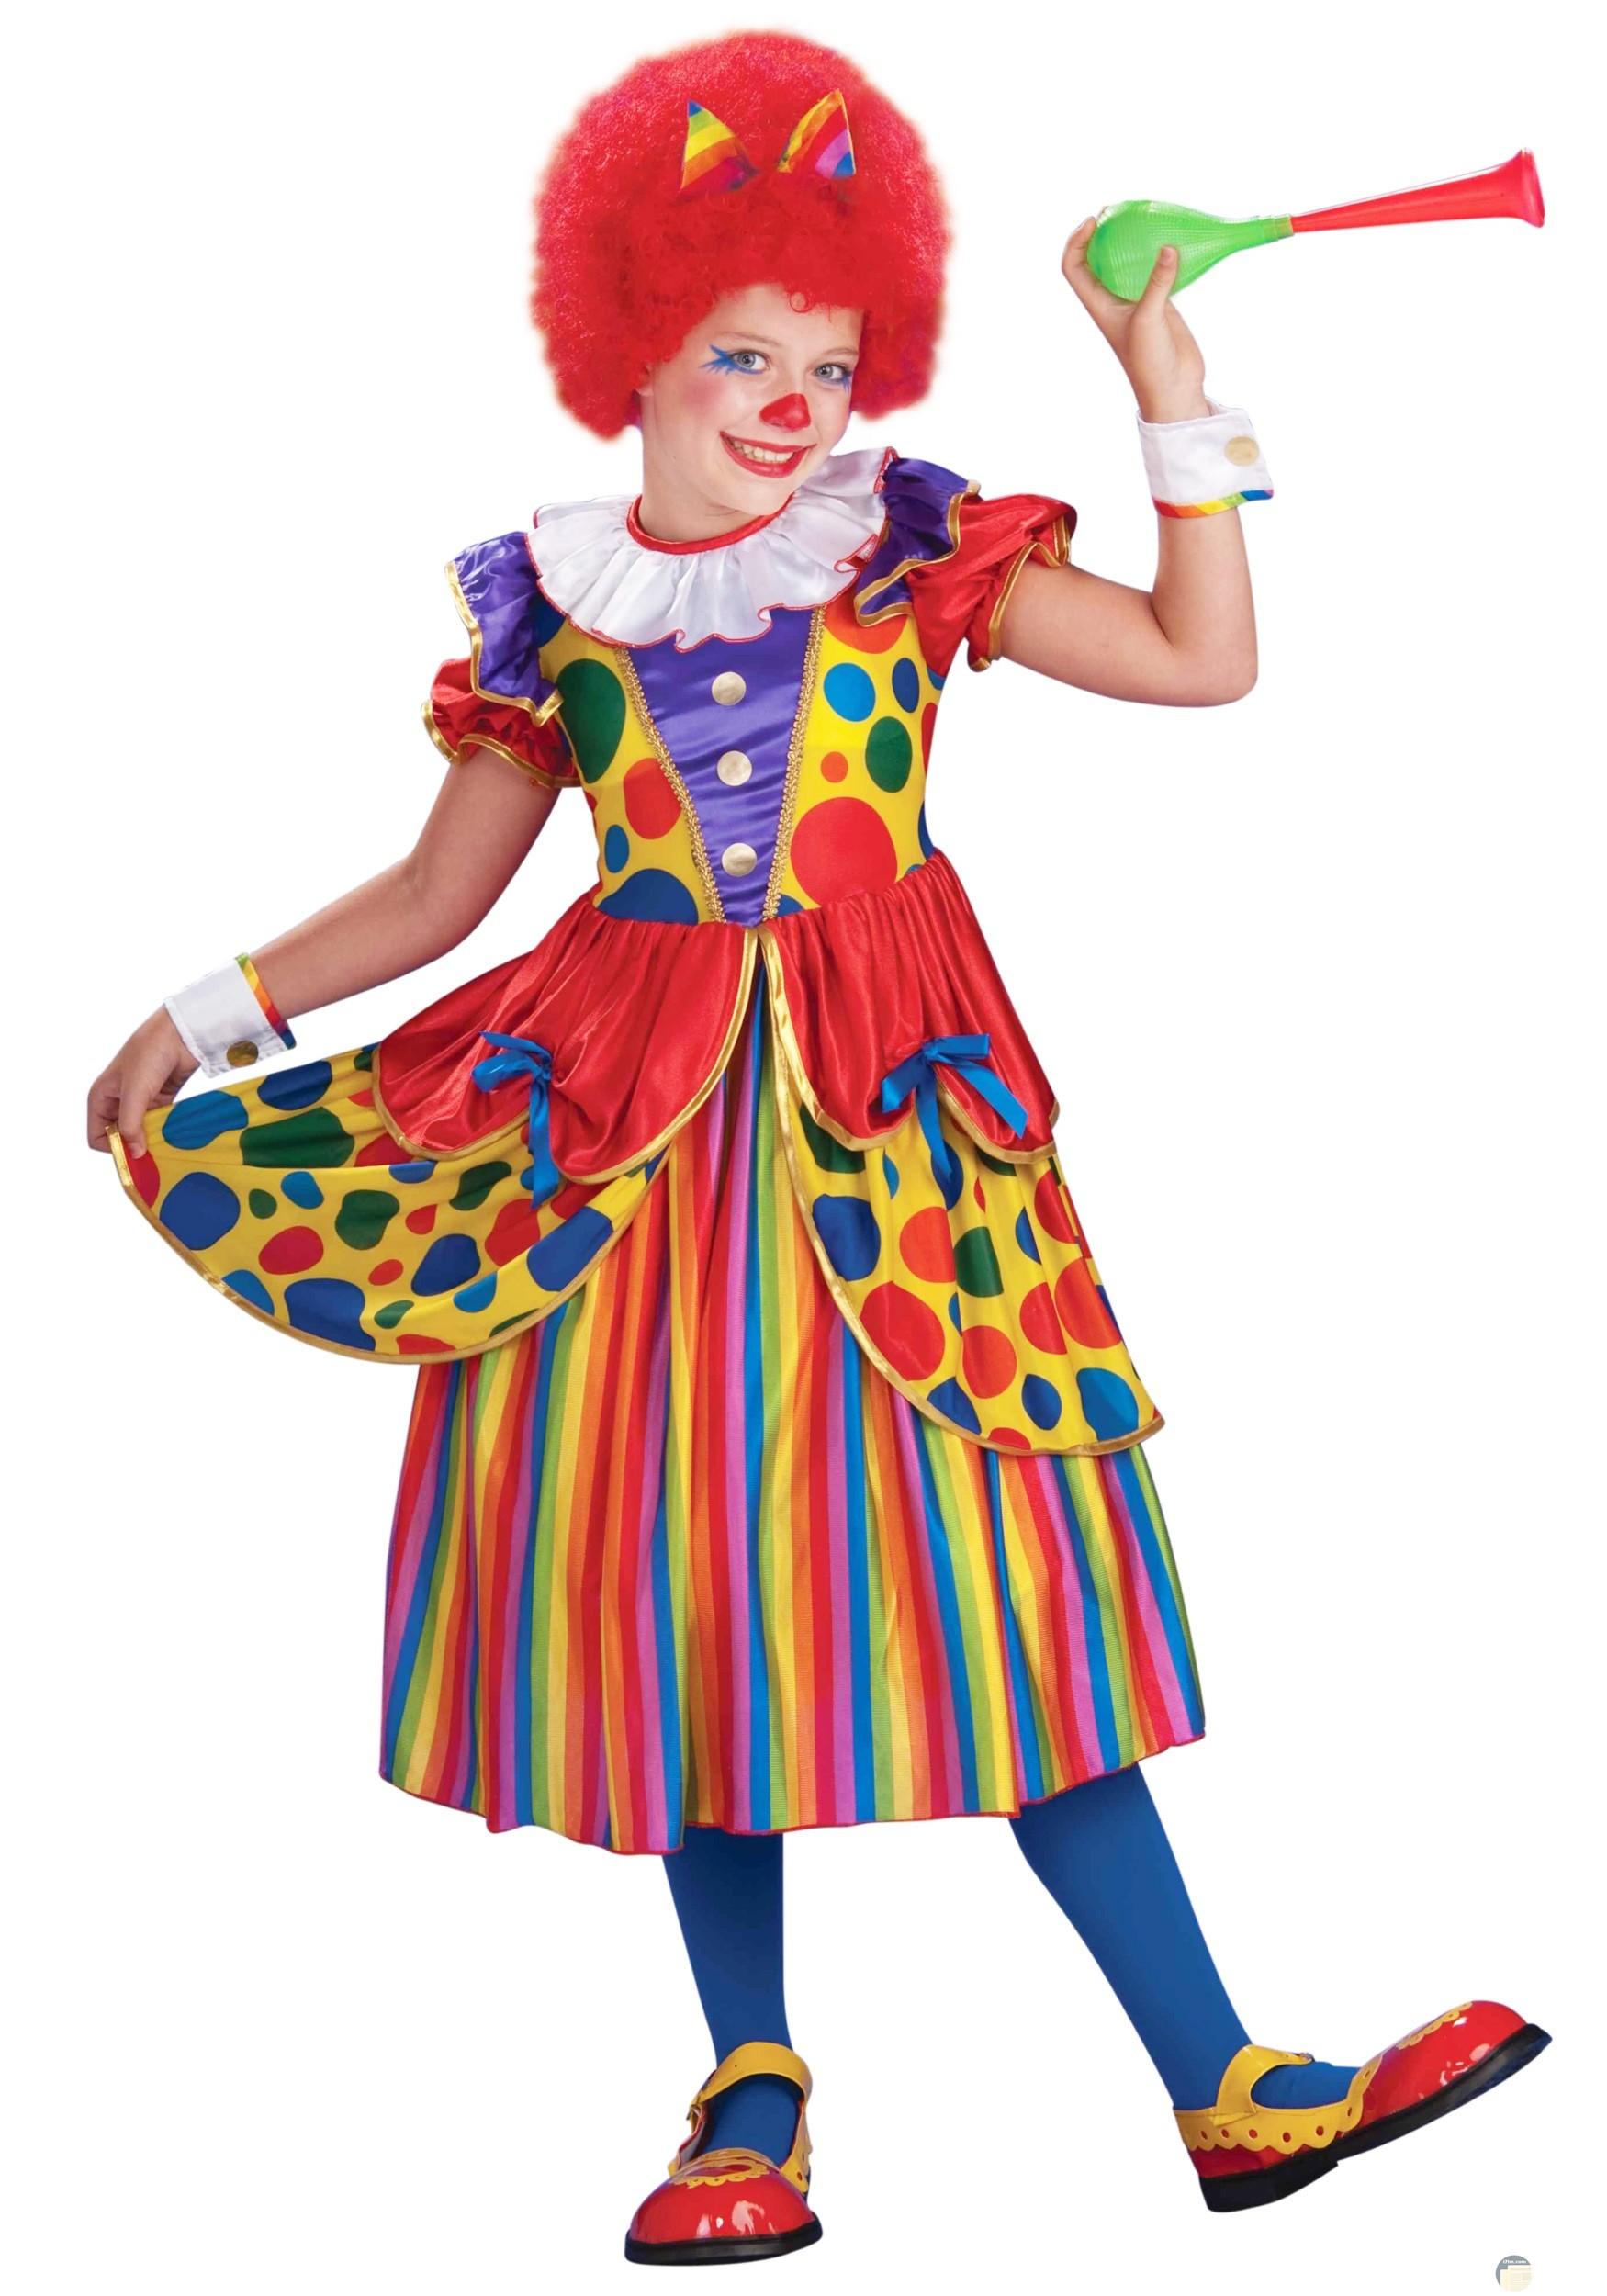 صورة مضحكة لفتاه ترتدى ملابس ملونة وباروكة حمراء ووجهها ملون